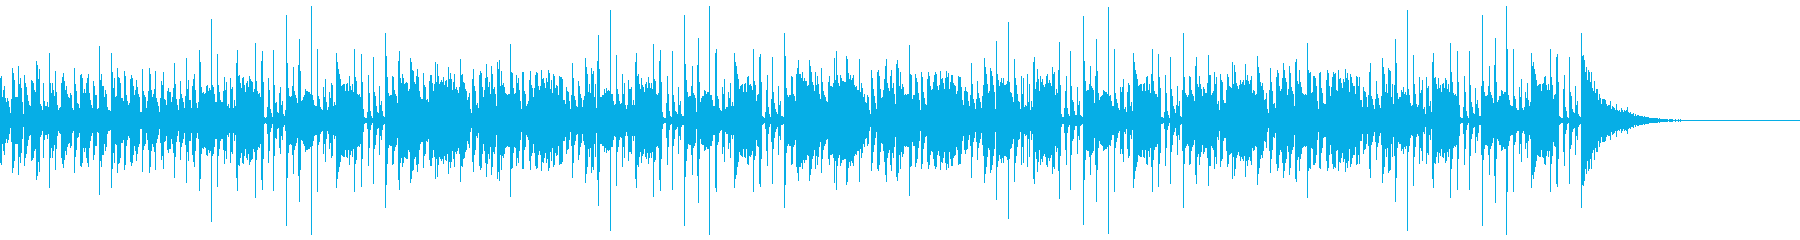 テックグルーブの種類には、SYFY...の再生済みの波形